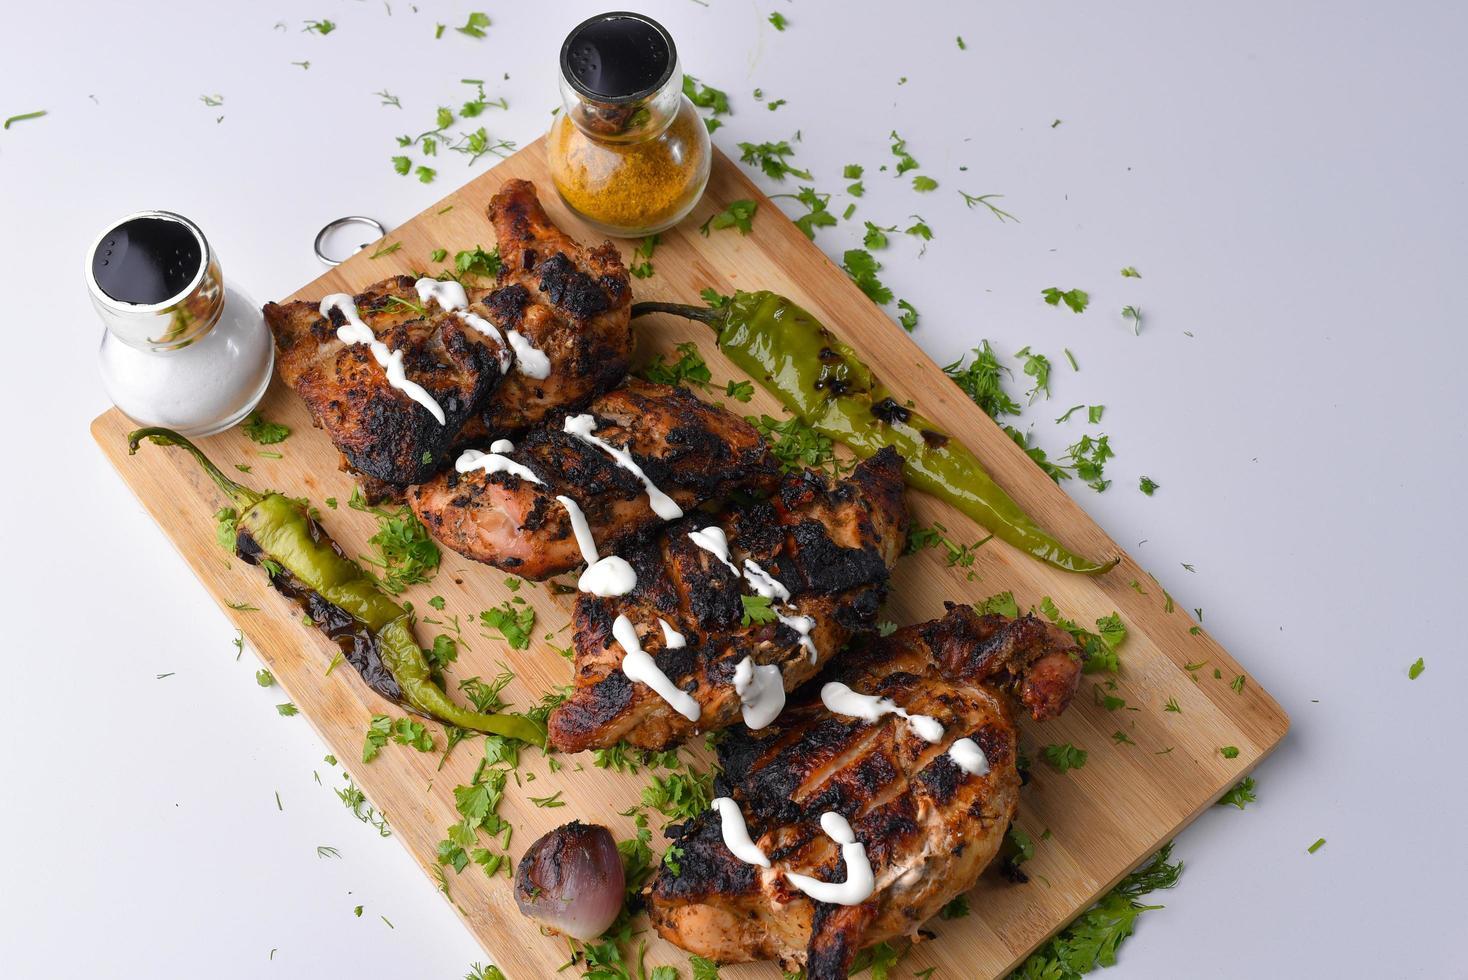 grillad kyckling med sidor foto